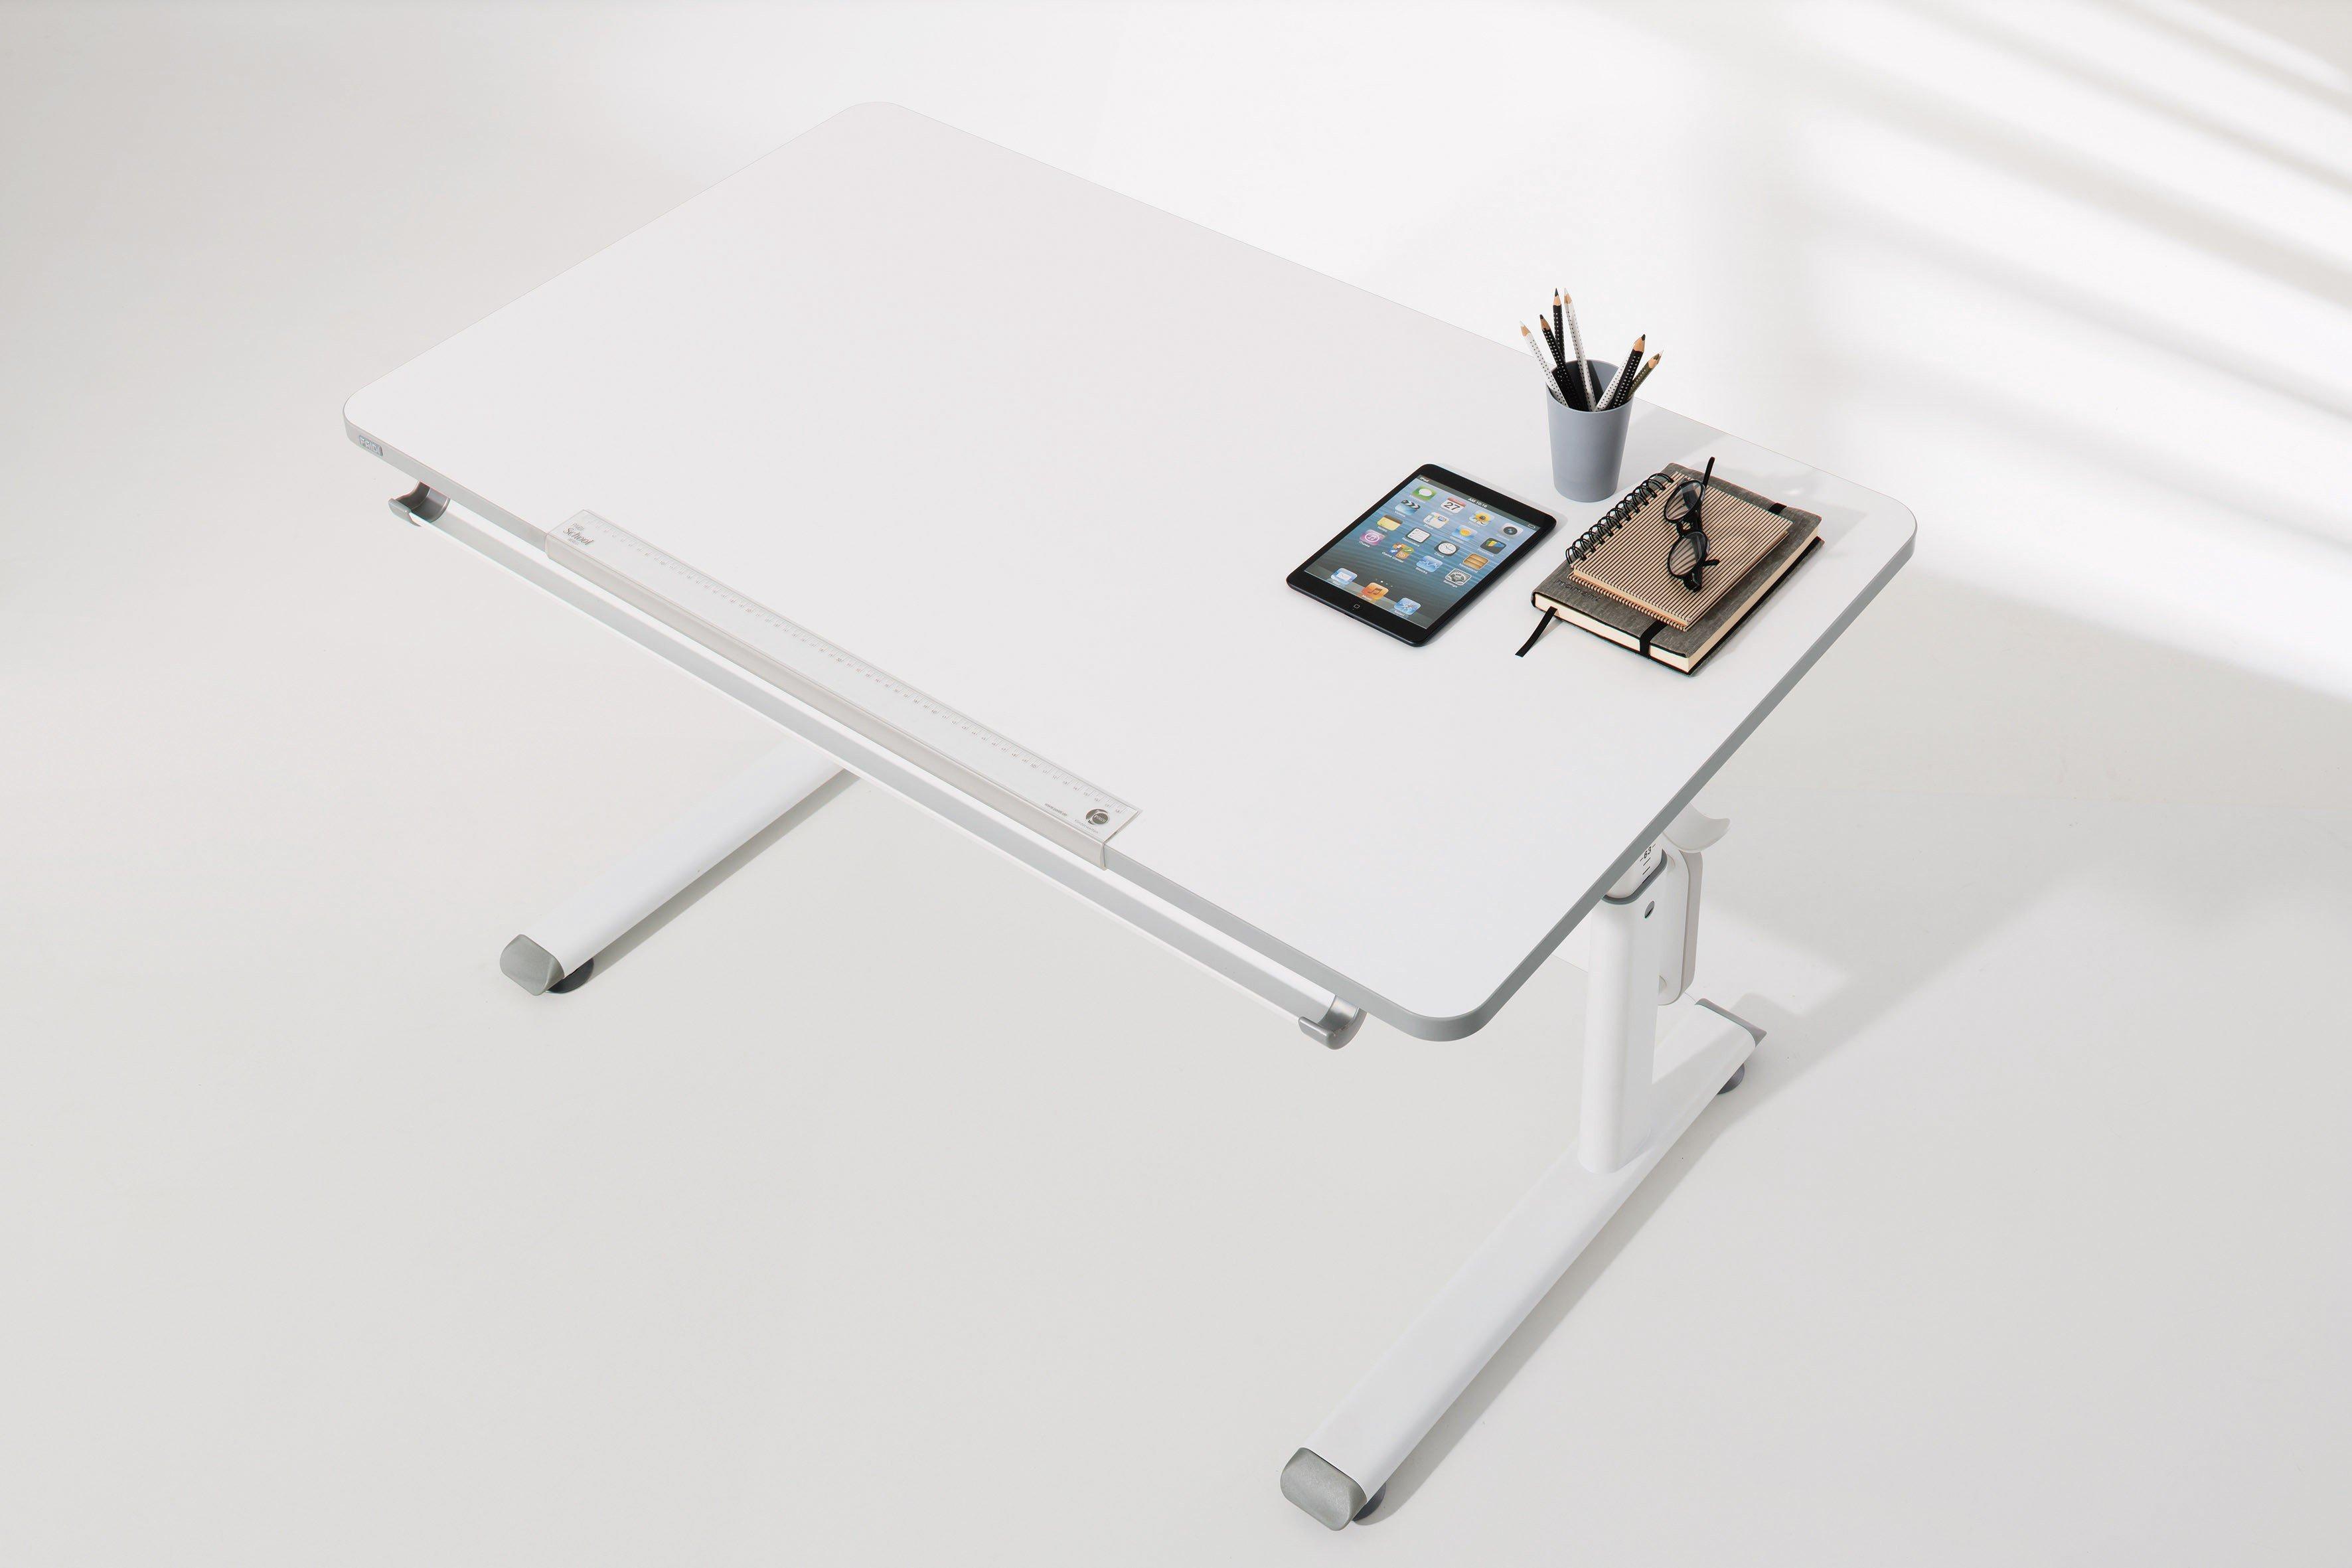 Paidi Diego 120 Schreibtisch Weiß Mit Neigbarer Platte Möbel